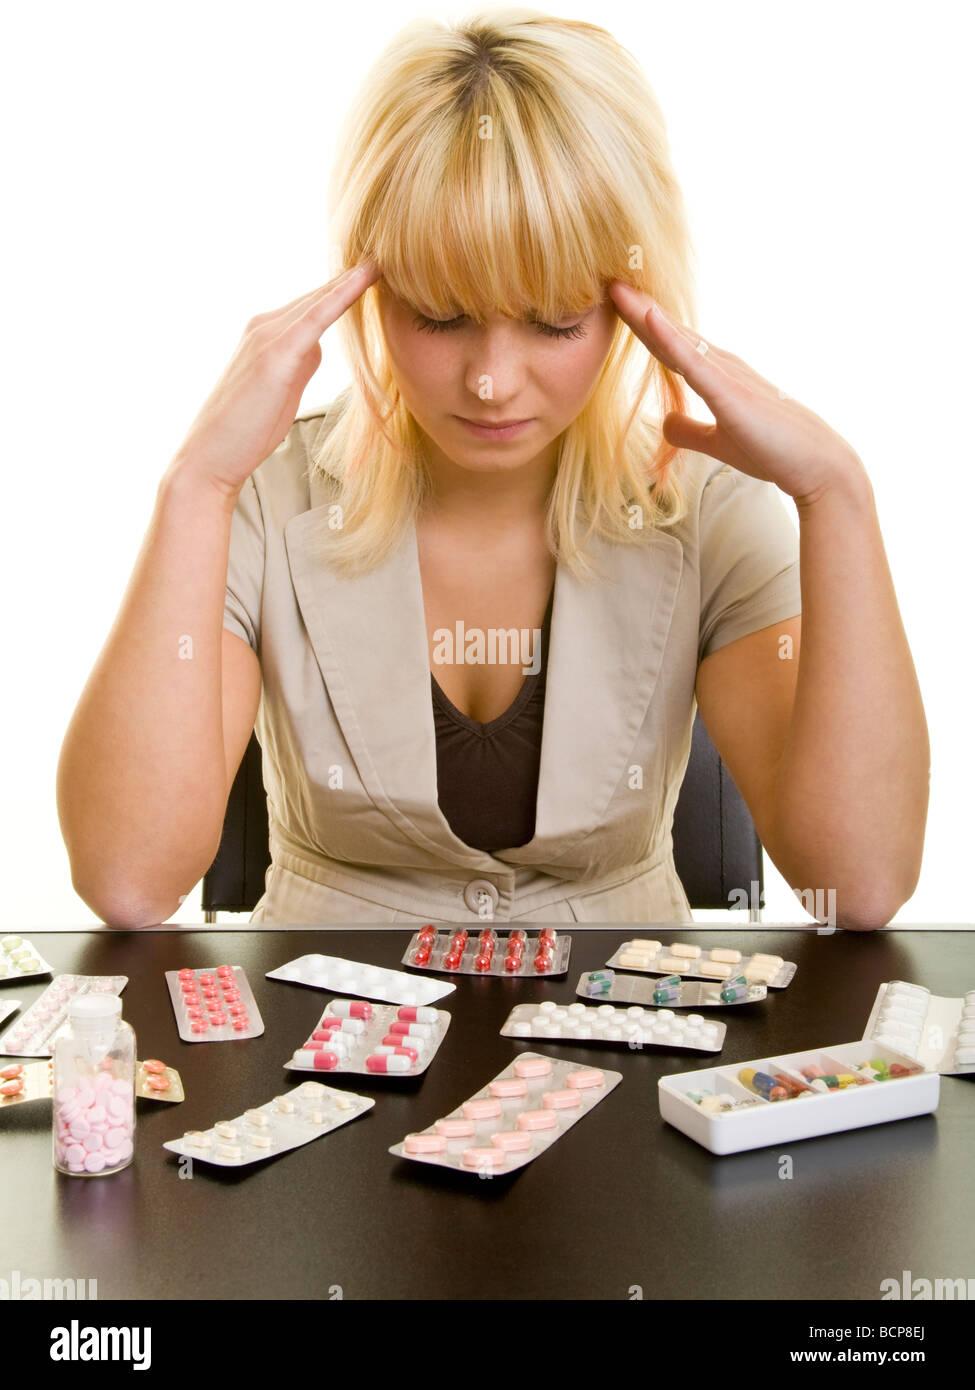 Junge Frau sitzt mit Kopfschmerzen vor einem Tisch mit vielen Arzneimitteln Stock Photo